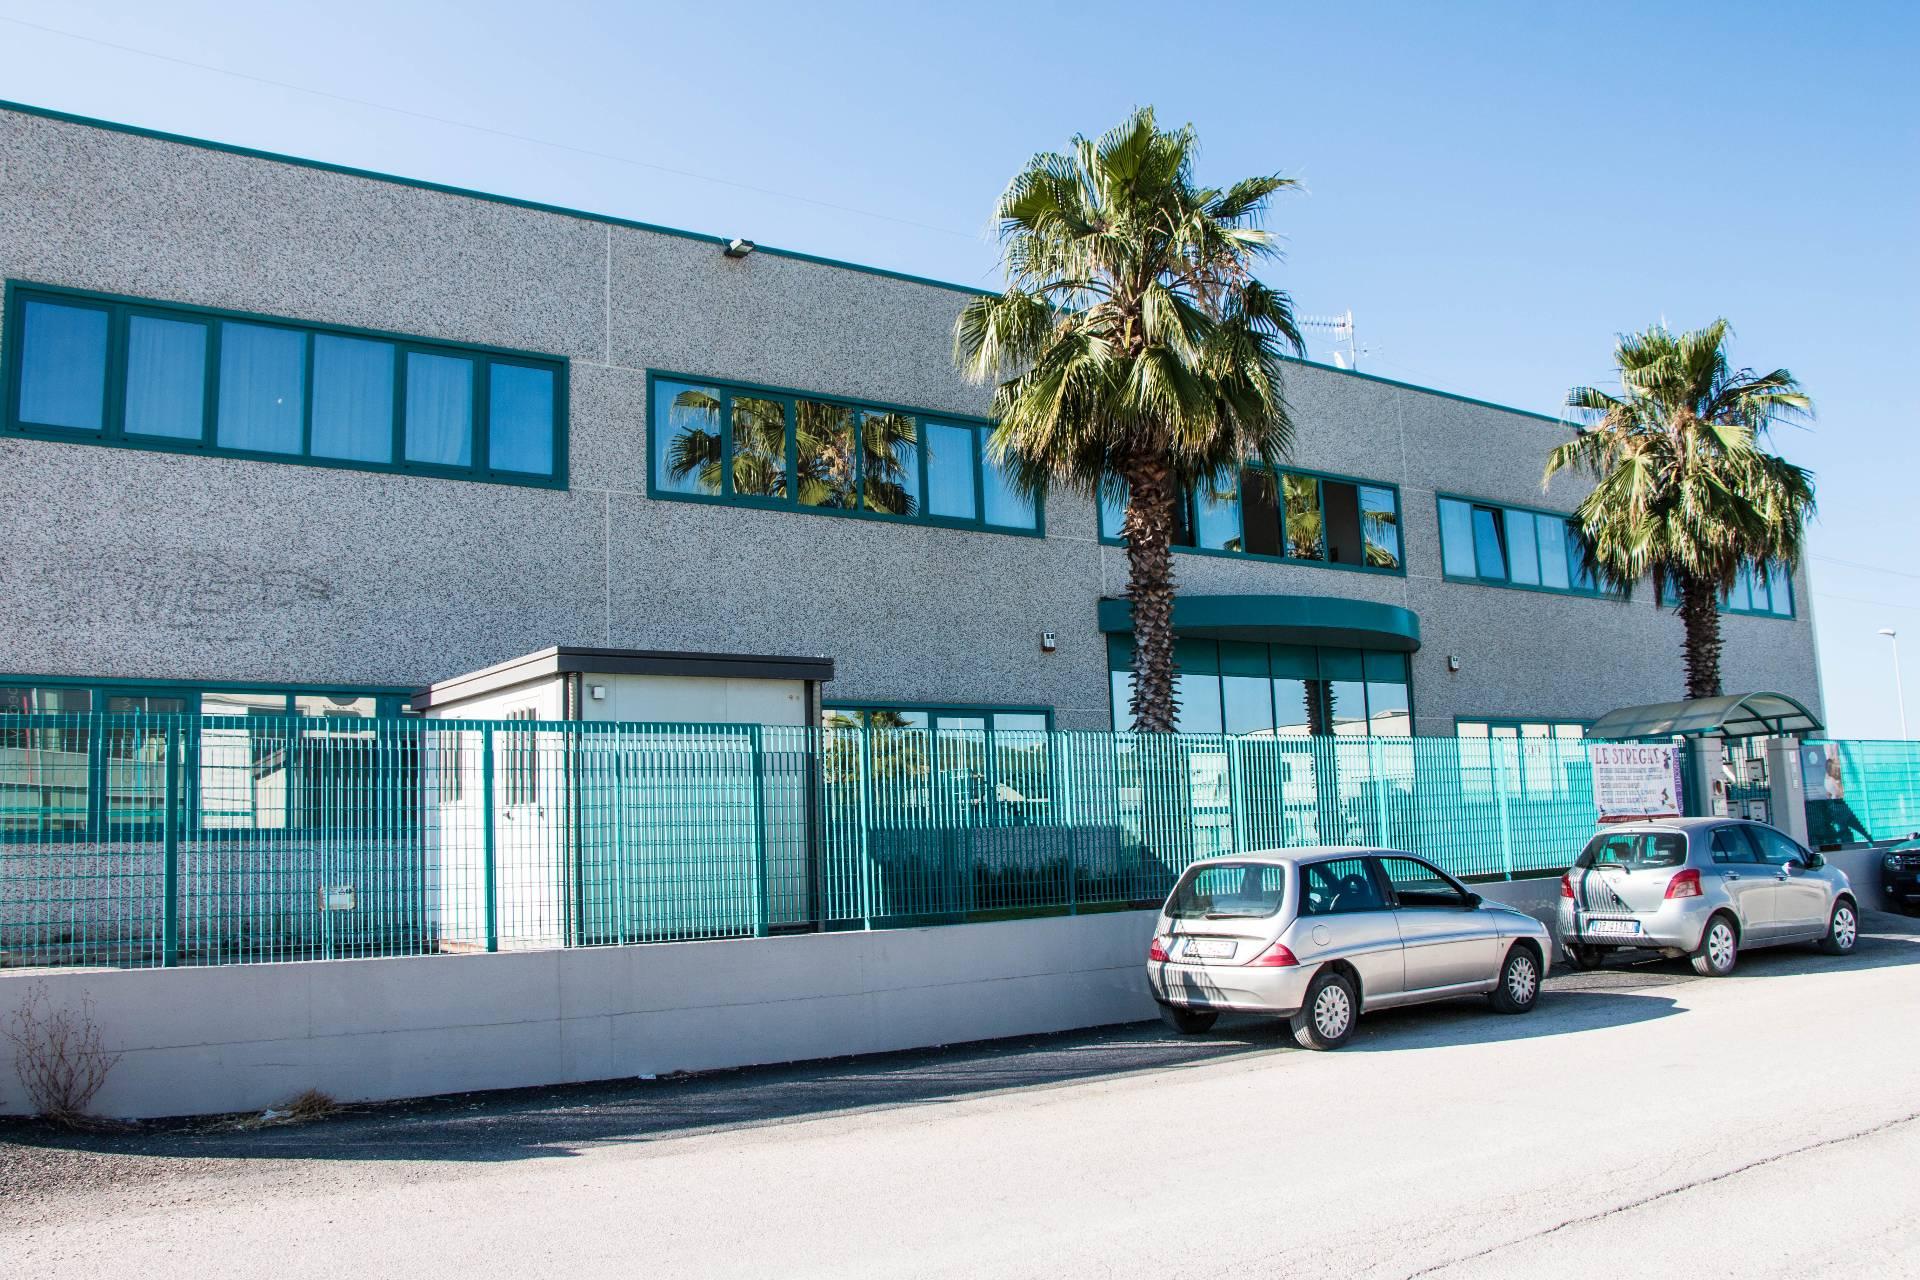 Ufficio / Studio in vendita a Spinetoli, 9999 locali, zona Zona: Pagliare, prezzo € 200.000 | CambioCasa.it